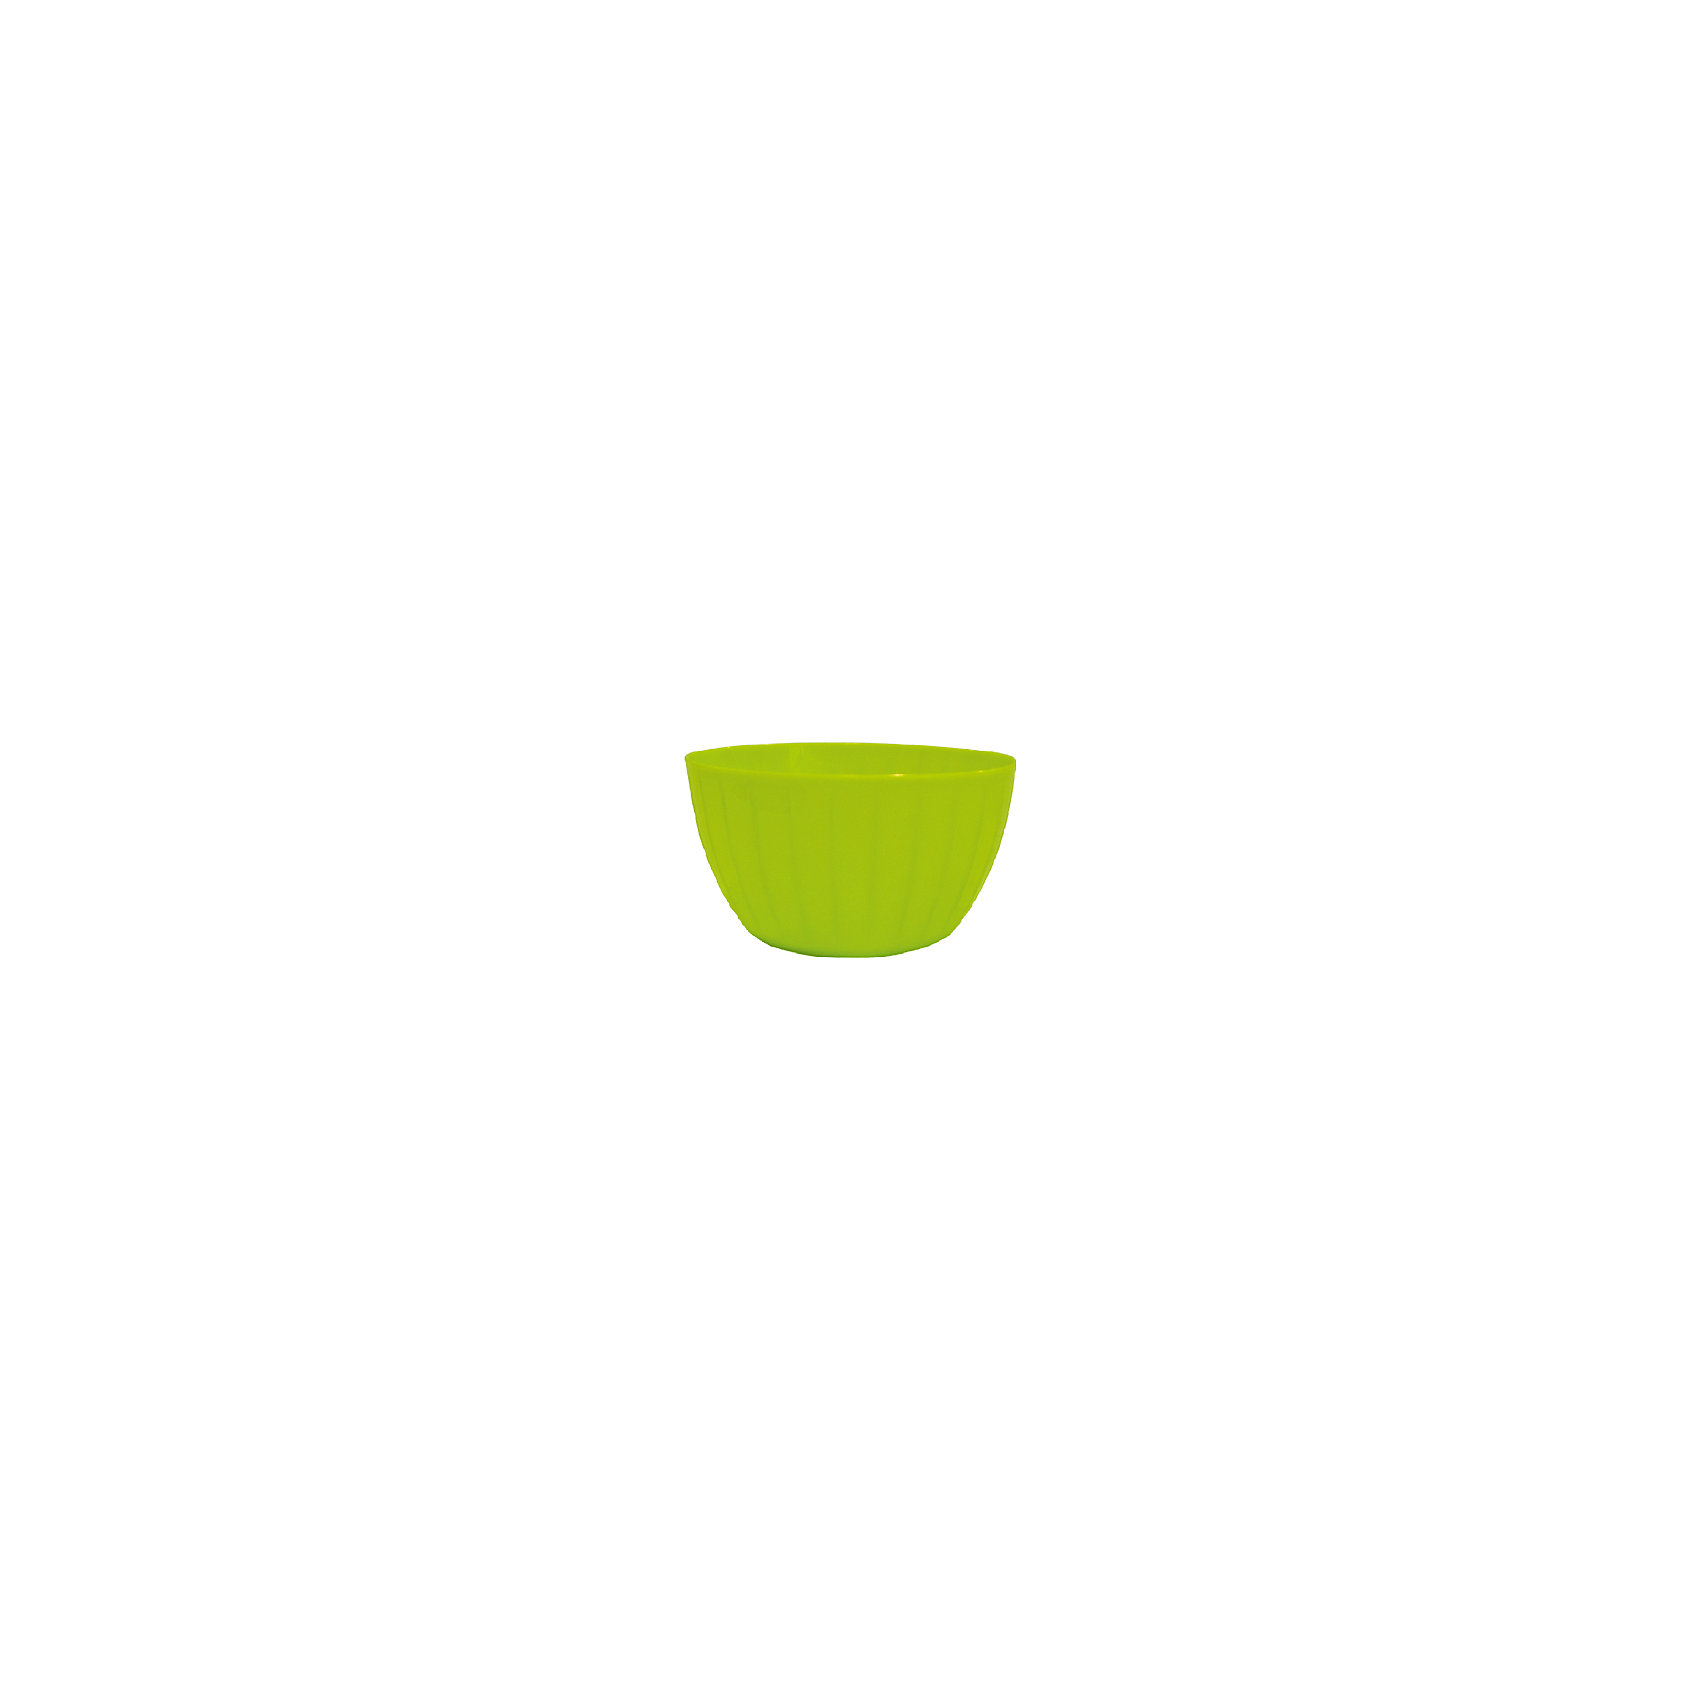 Салатник Fiesta 1,7 л, GiarettiПосуда<br>Салатник Fiesta 1,7 л, Giaretti<br><br>Характеристики:<br><br>• Цвет: зеленый<br>• Материал: пластик<br>• В комплекте: 1 штука<br>• Объем: 1,7 литра<br><br>Благодаря яркому интересному дизайну этот салатник придаст творческой атмосферы вашей кухне и процессу готовки. Его можно использовать как для приготовления блюд, так и для их подачи на стол. Салатник имеет литраж 1,7 л, а так же изготовлен из высококачественного пластика.<br><br>Салатник Fiesta 1,7 л, Giaretti можно купить в нашем интернет-магазине.<br><br>Ширина мм: 180<br>Глубина мм: 180<br>Высота мм: 95<br>Вес г: 116<br>Возраст от месяцев: 216<br>Возраст до месяцев: 1188<br>Пол: Унисекс<br>Возраст: Детский<br>SKU: 5545614